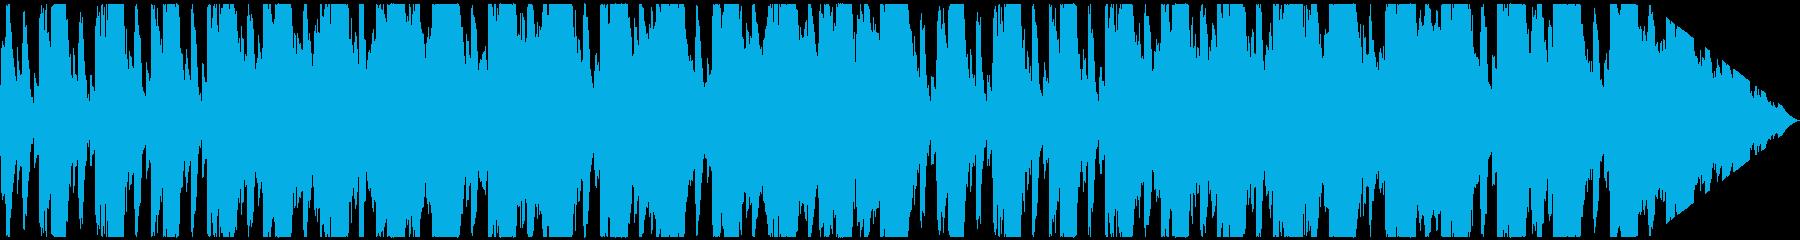 69秒 RPGのリザルトの再生済みの波形